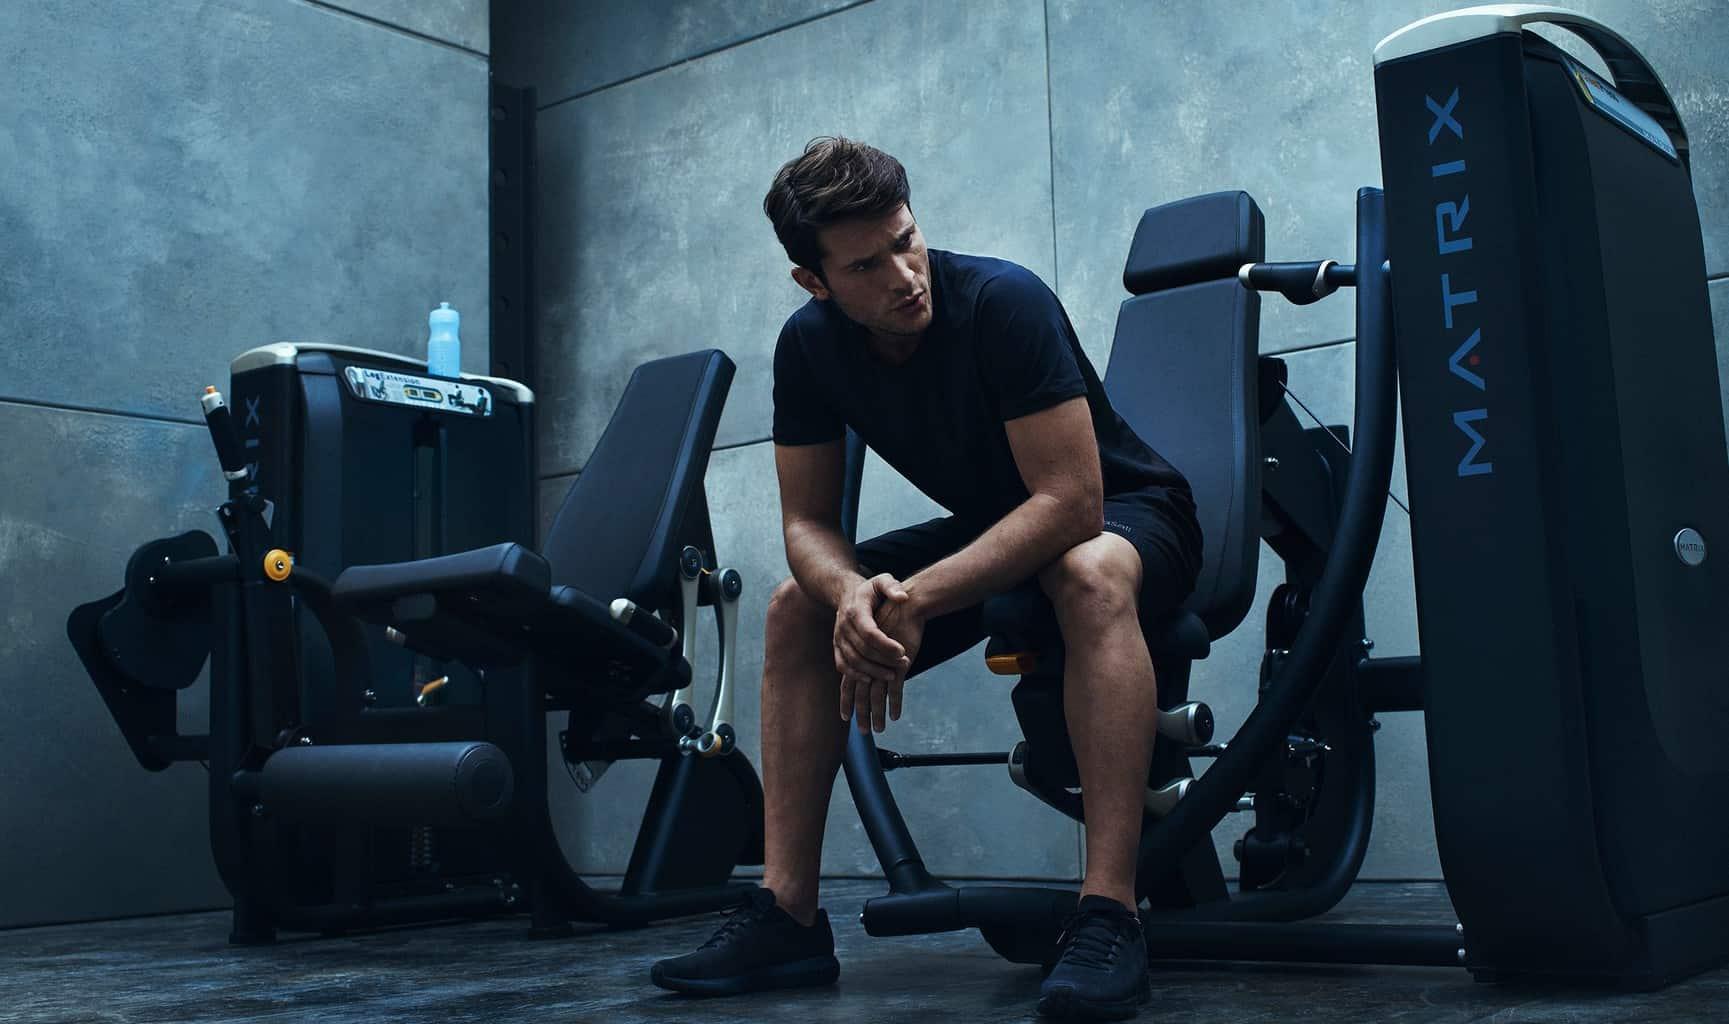 gymutrustning träningsutrustning träningsmaskiner gymmaskiner casall pro casall professional matrix matrix fitness styrka styrkemaskiner